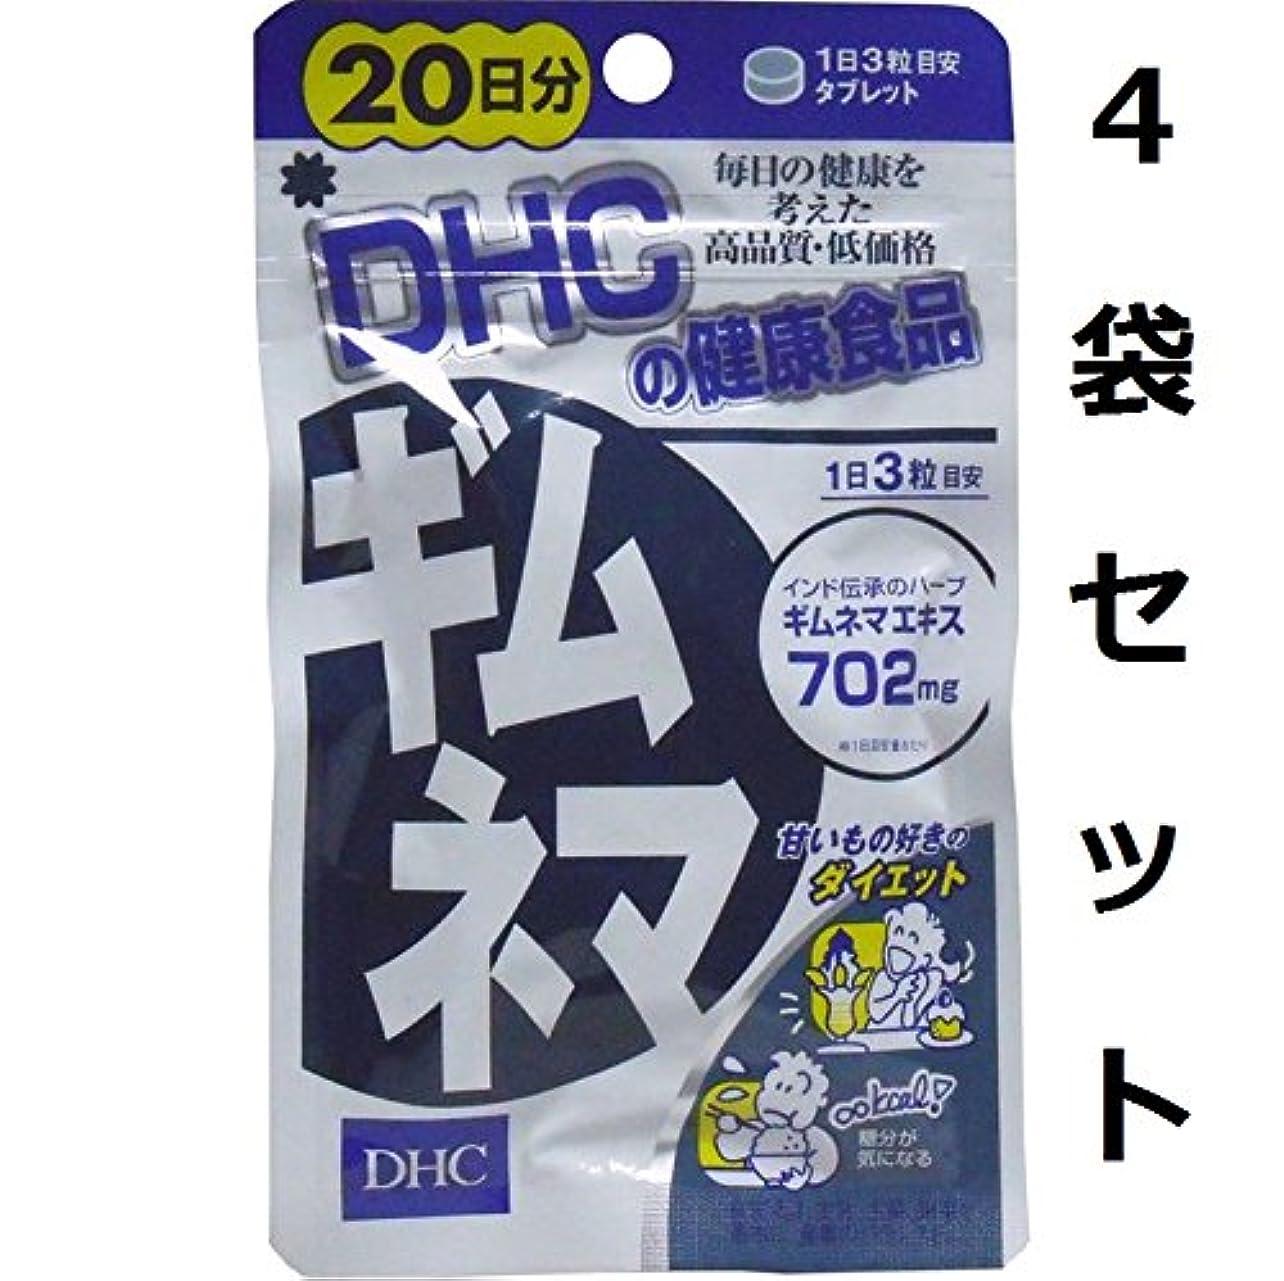 スチュワーデス批判親指我慢せずに余分な糖分をブロック DHC ギムネマ 20日分 60粒 4袋セット